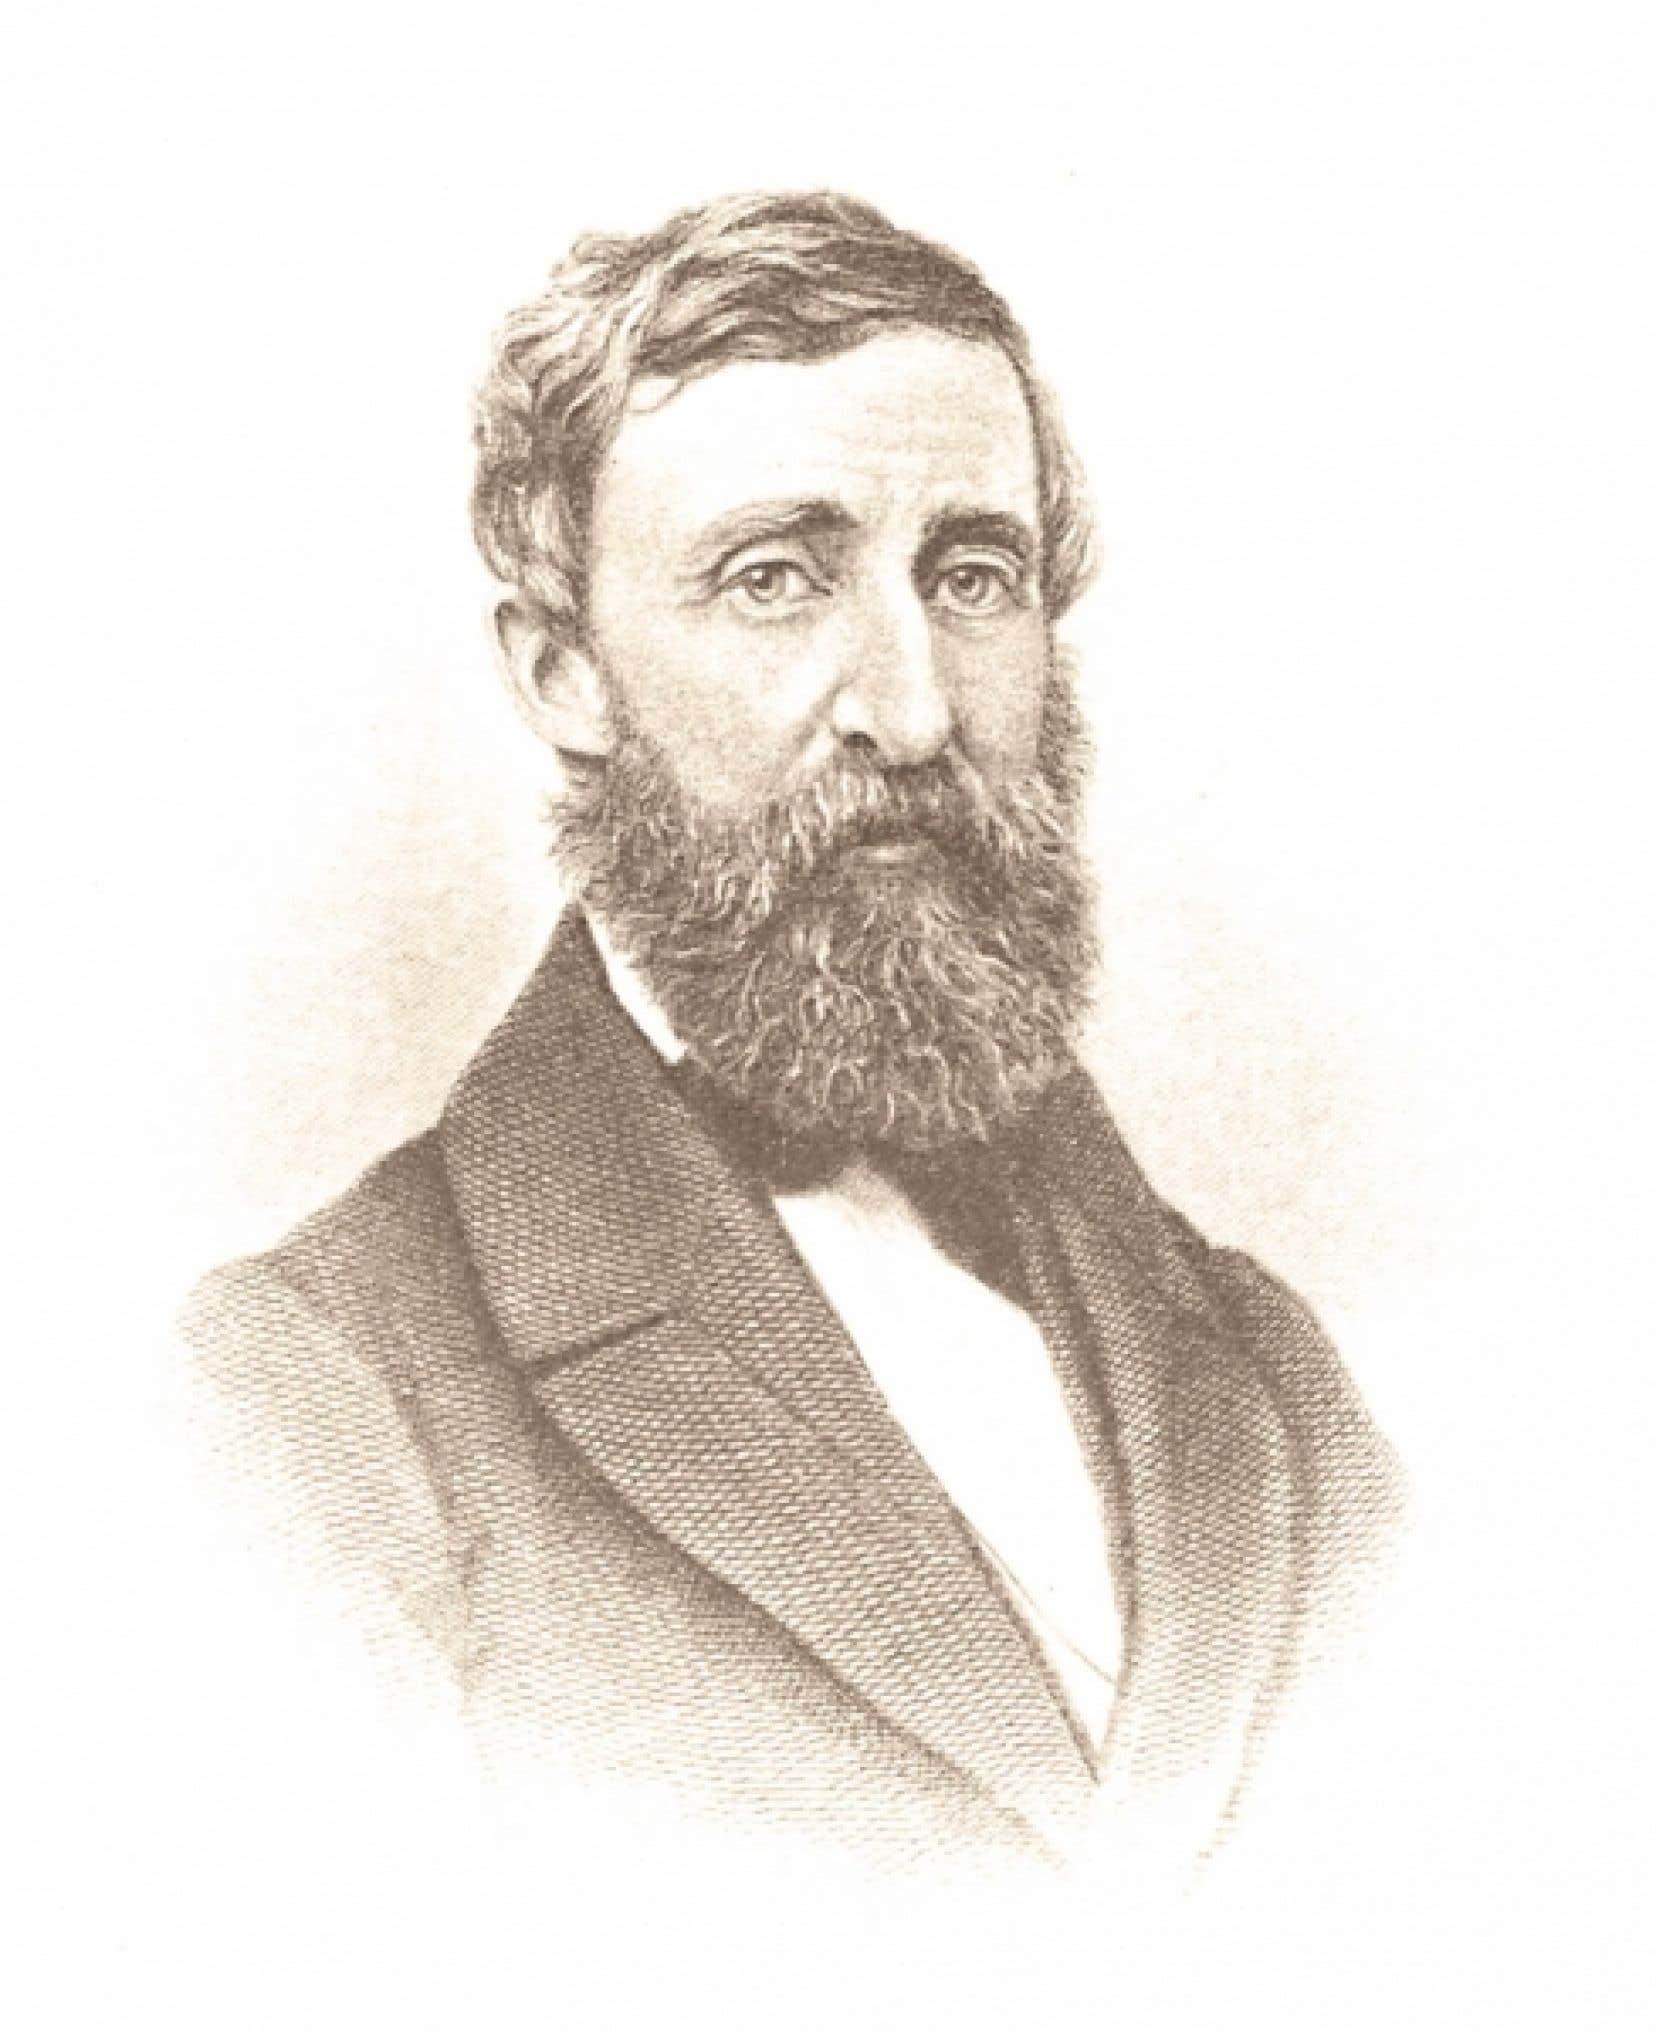 Le philosophe am&eacute;ricain Henry David Thoreau (1817-1862)<br />